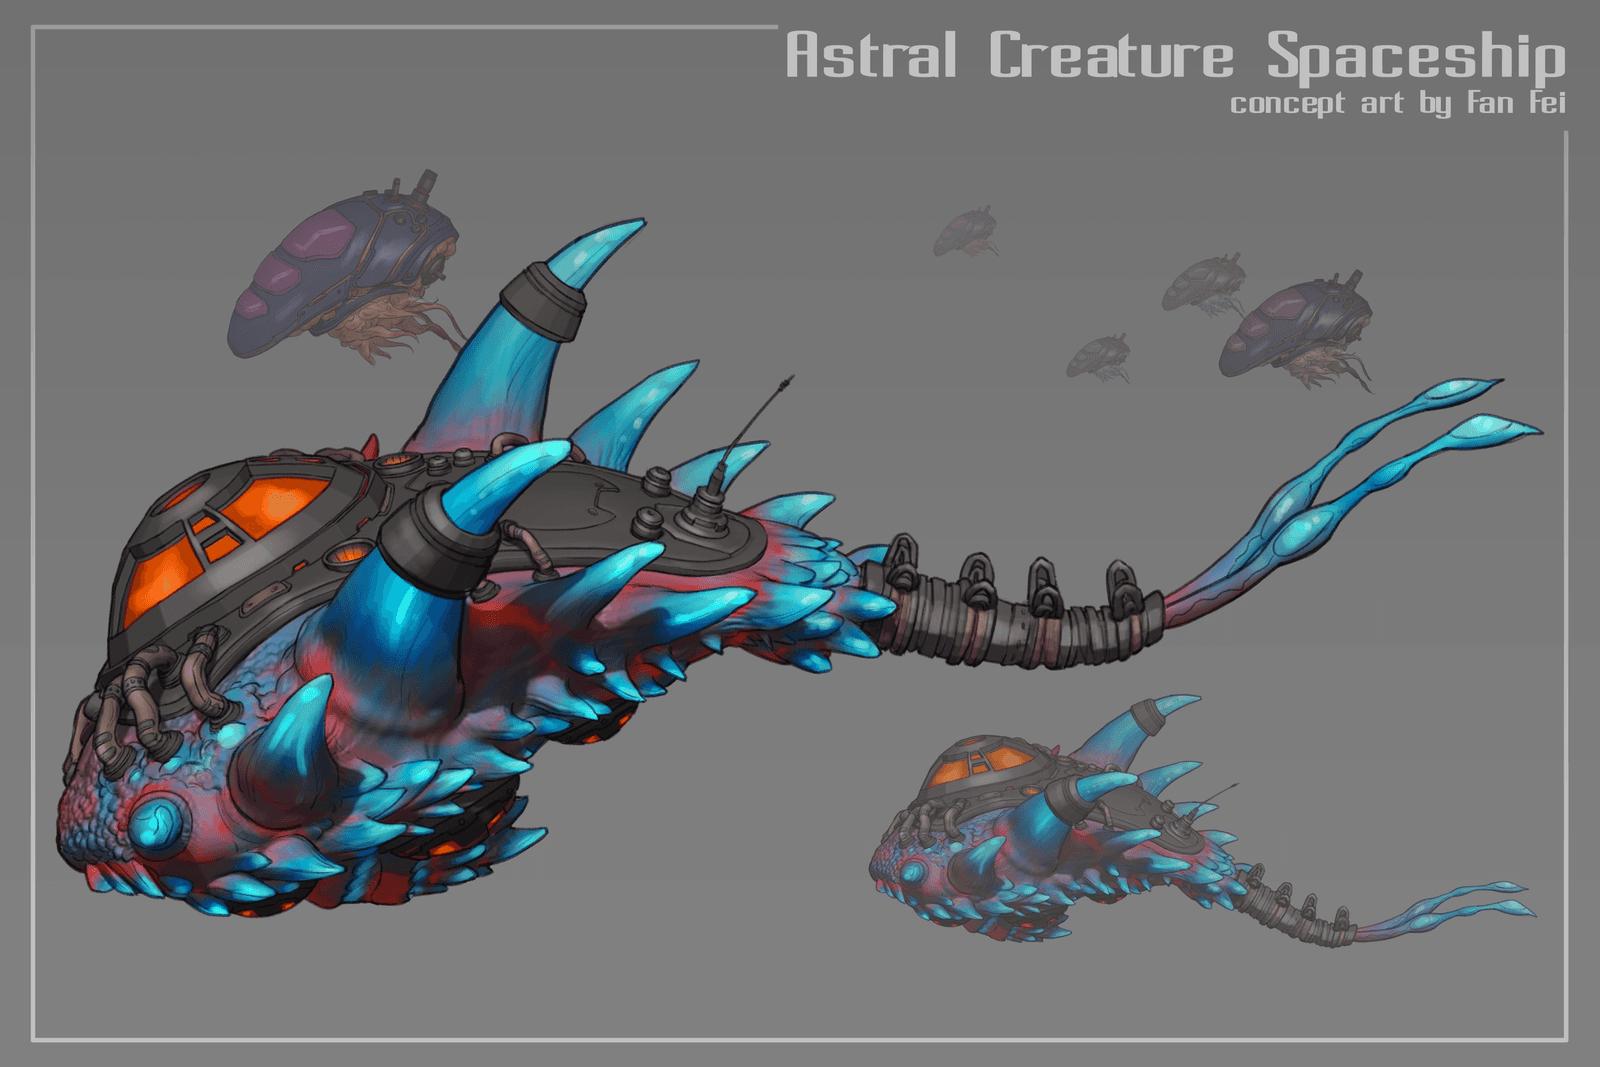 Astral Creature Spaceship